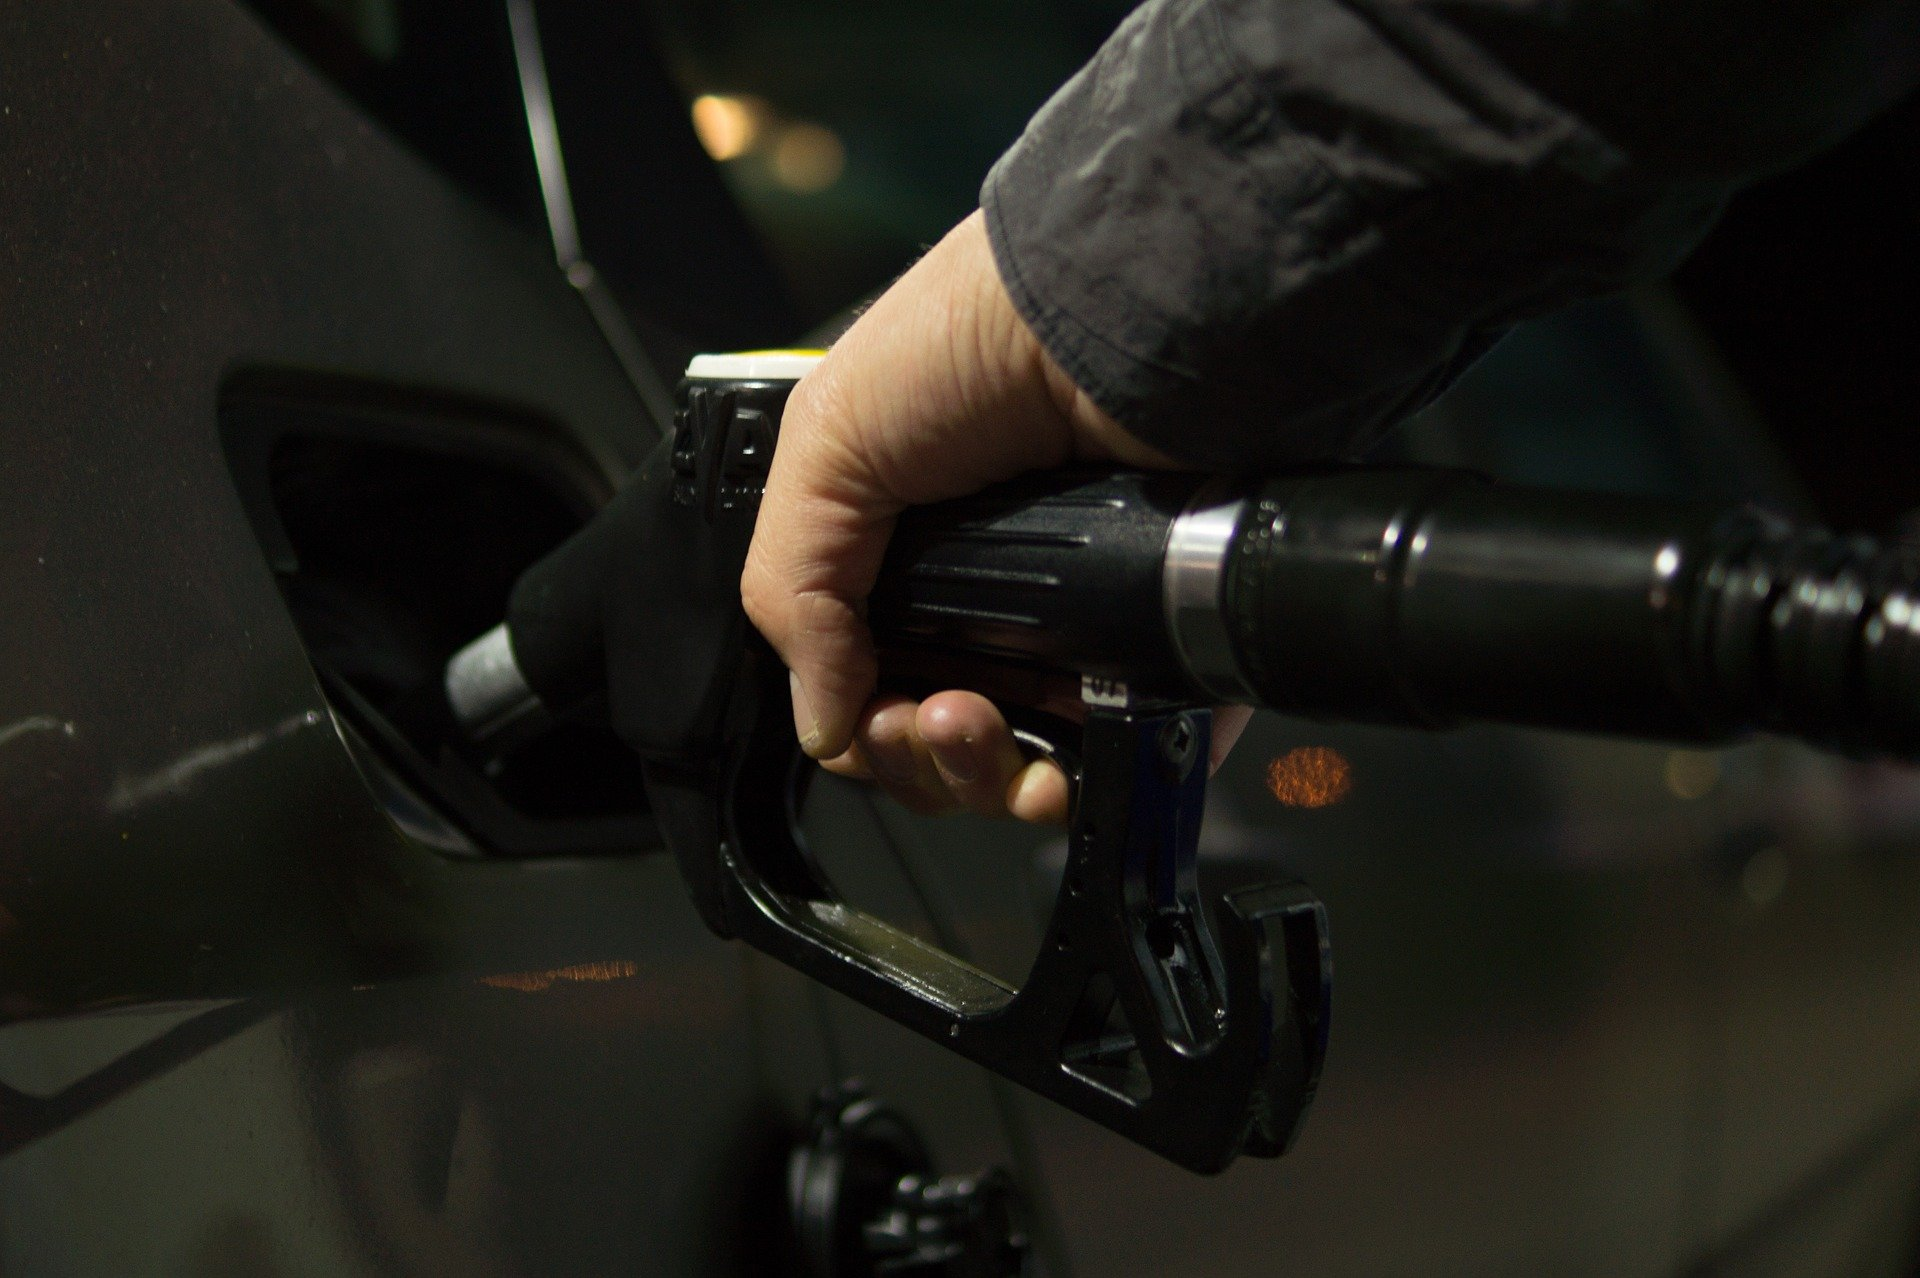 W Mielcu jest najtańsze paliwo? - Zdjęcie główne